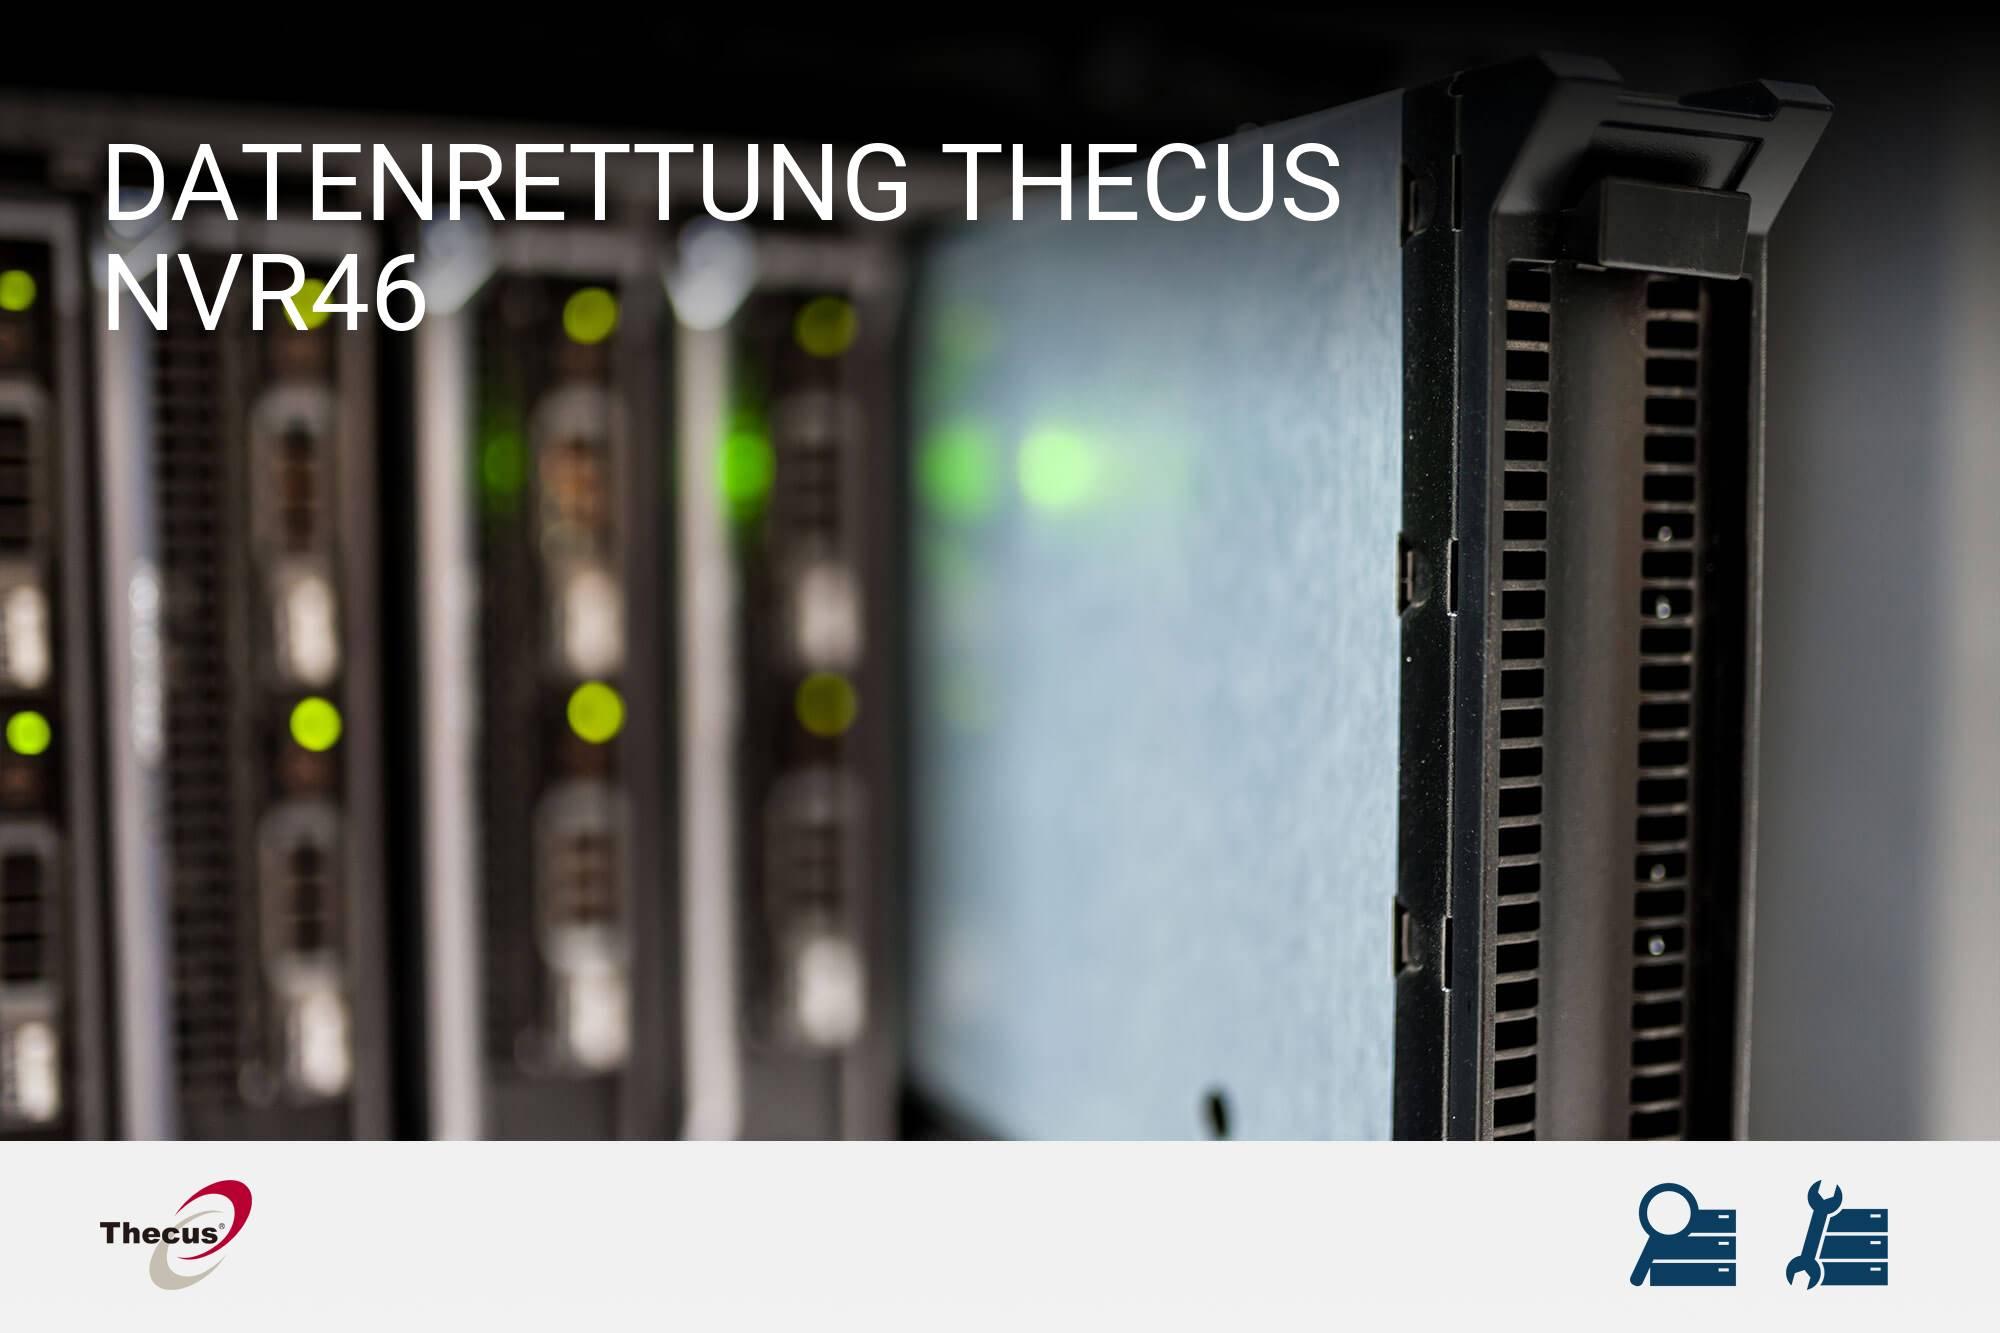 Thecus NVR46